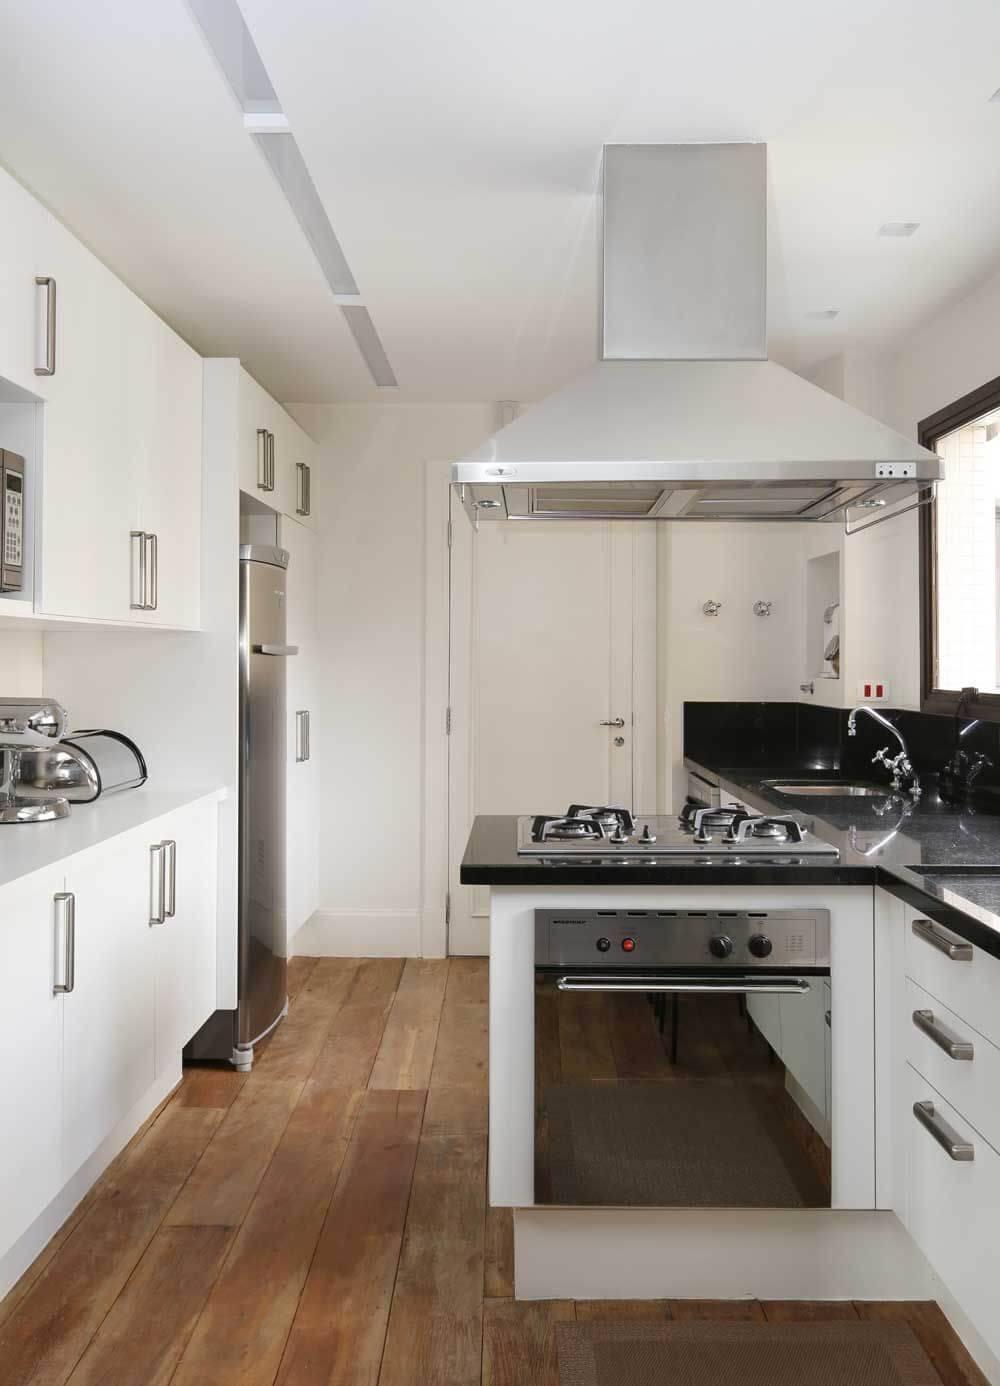 pisos para cozinha mauricio karam 150751